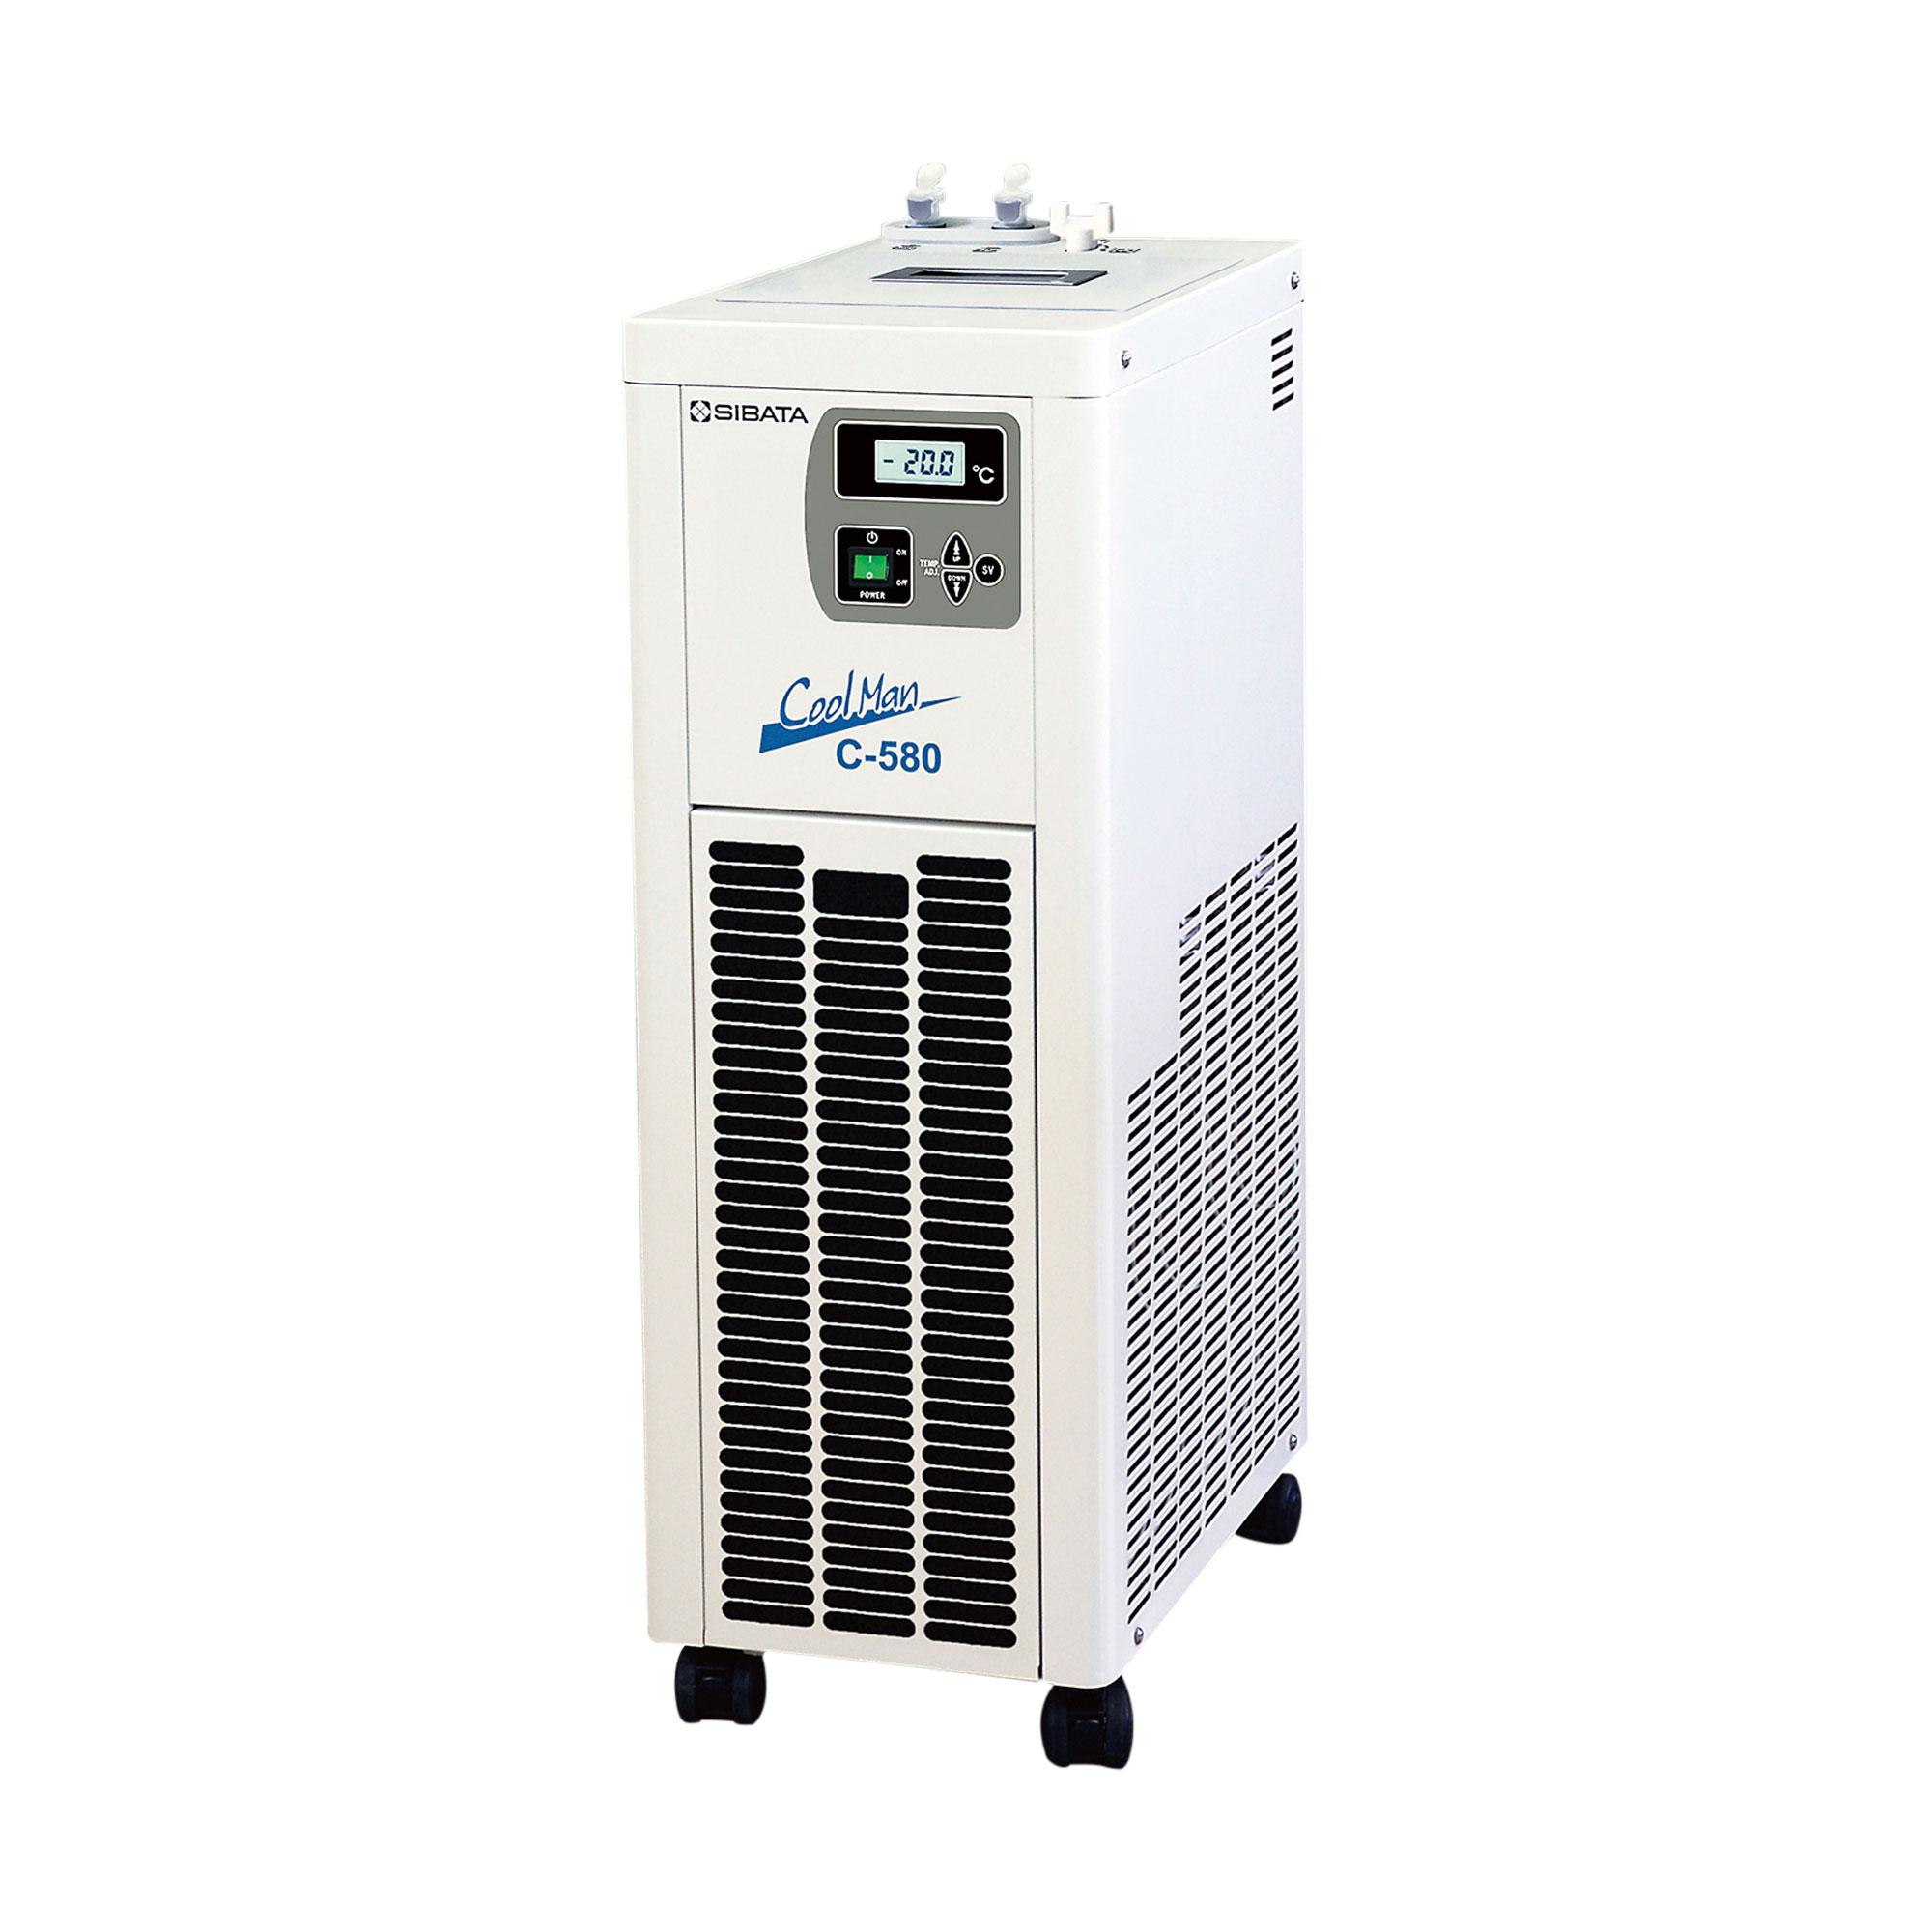 低温循環水槽 クールマン C-580 柴田科学(SIBATA)【Airis1.co.jp】